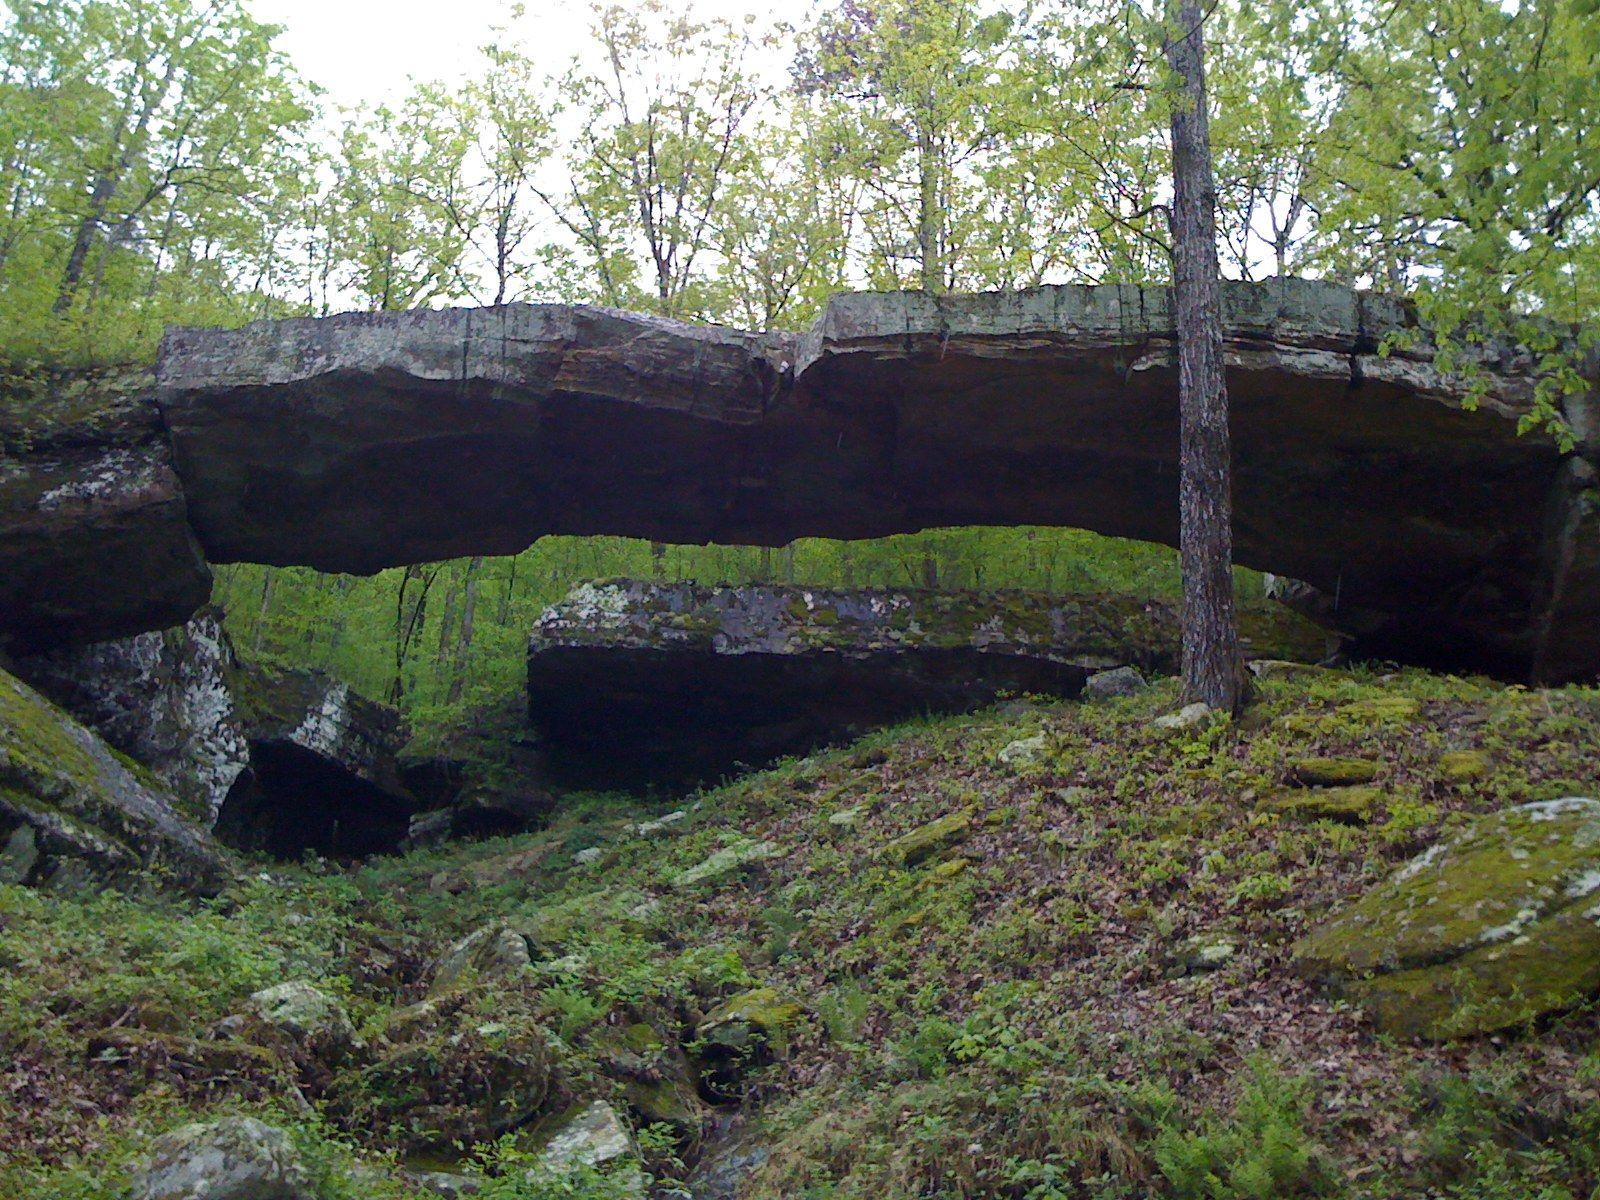 Natural Bridge Arkansas Natural Bridge Old Buildings Nature